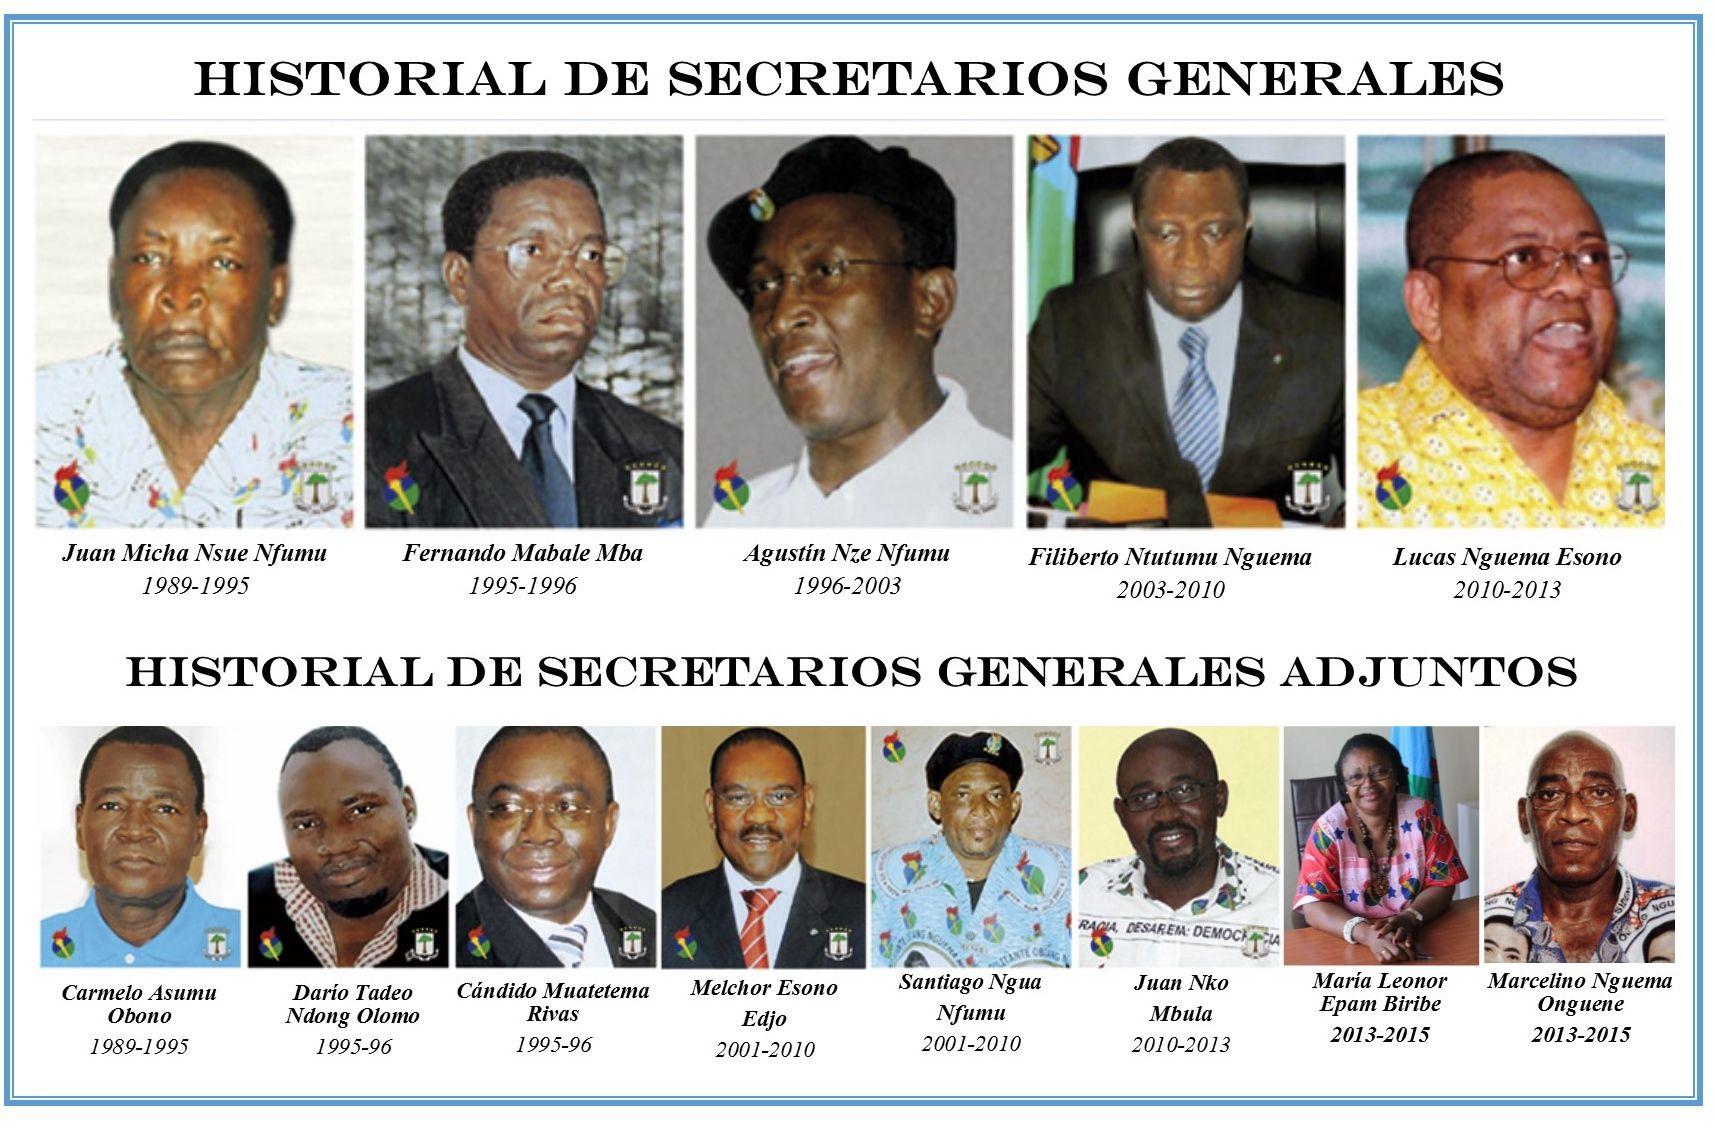 Historial de Secretarios